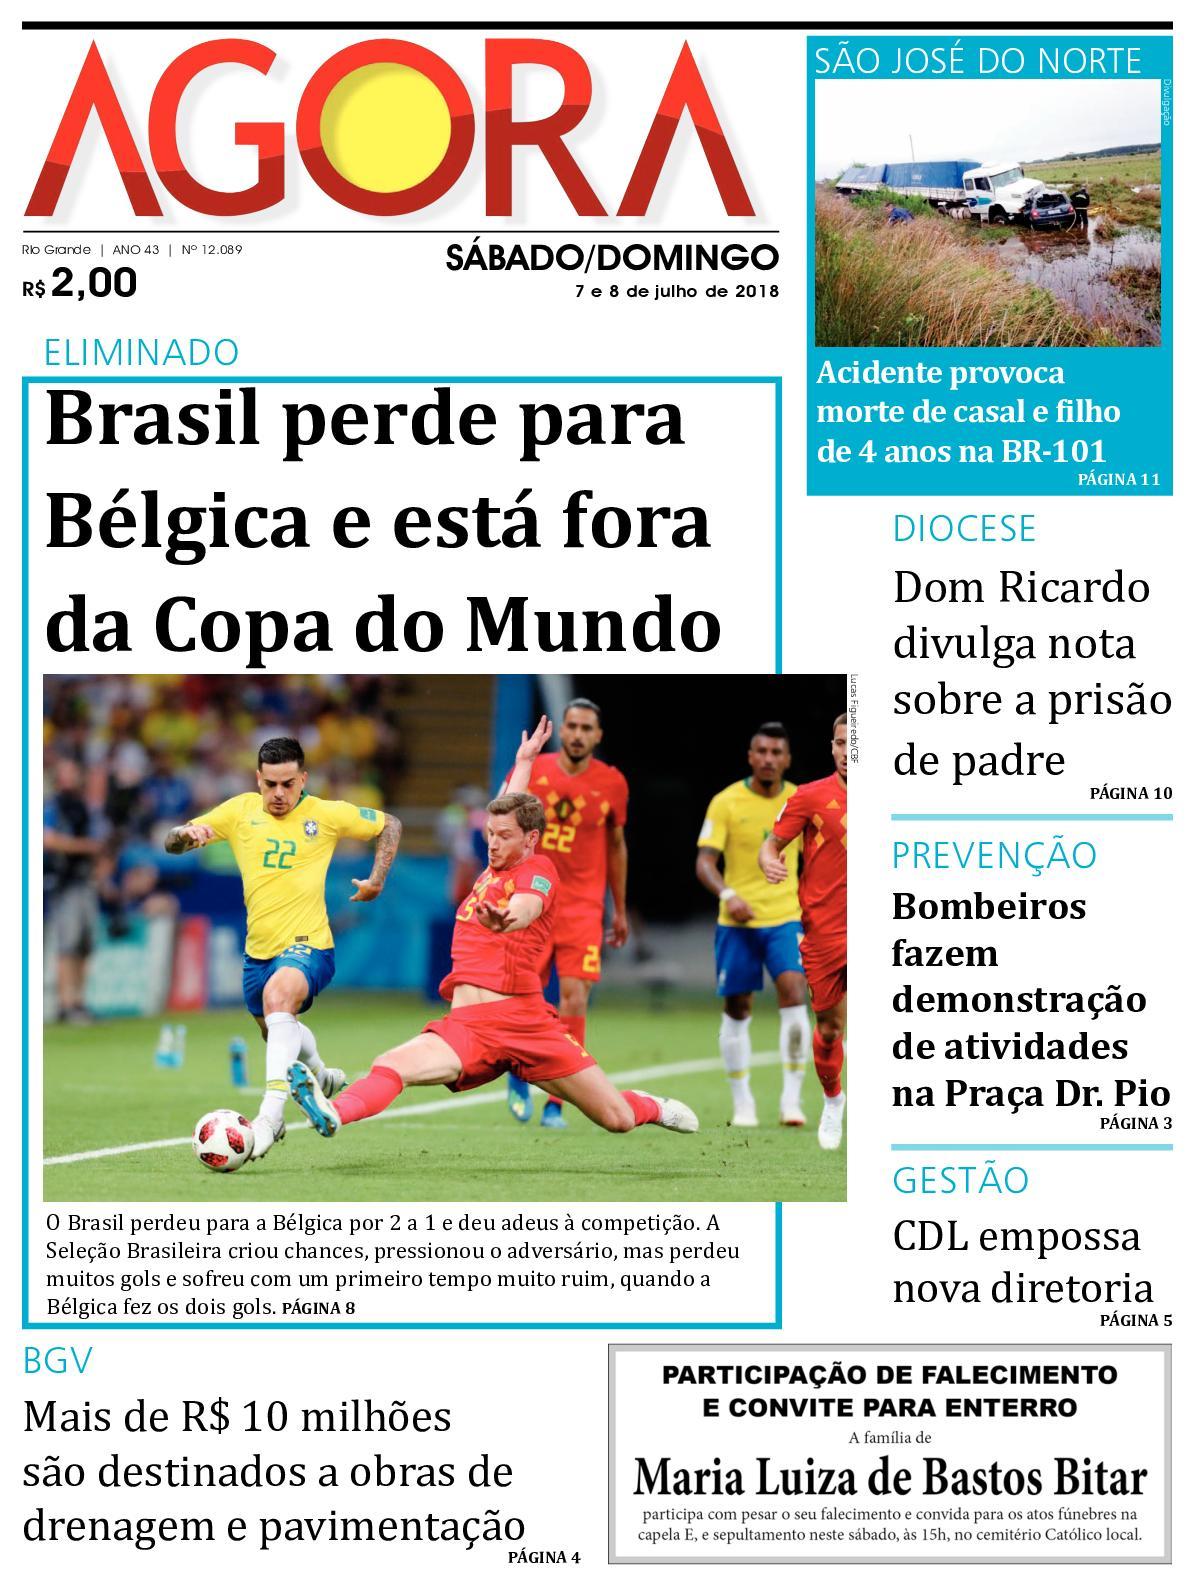 3e980c4d3 Calaméo - Jornal Agora- Edição 12089 - 7 e 8 de Julho de 2018